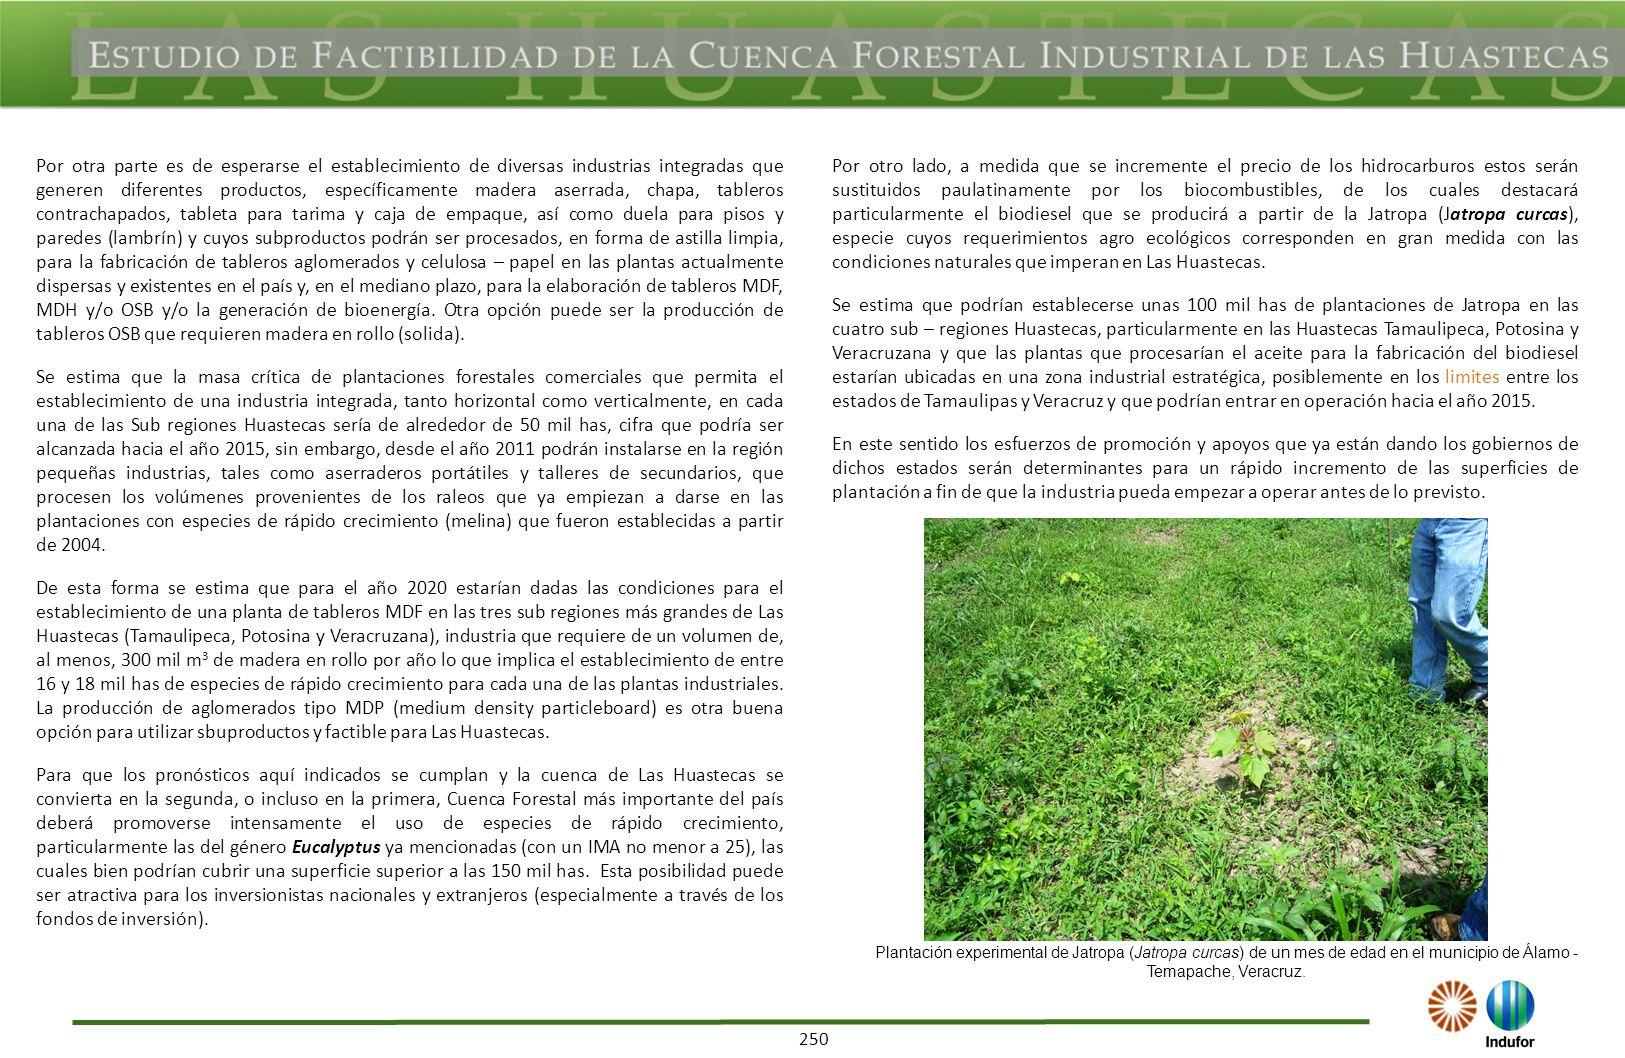 261 Derivado de la información anterior, en los siguientes cuadros se indican los volúmenes a obtener por especie como consecuencia de la cosecha final de la superficie de plantaciones forestales comerciales actualmente establecida en la Huasteca Tamaulipeca, así como el año en el cual se cosecharían.